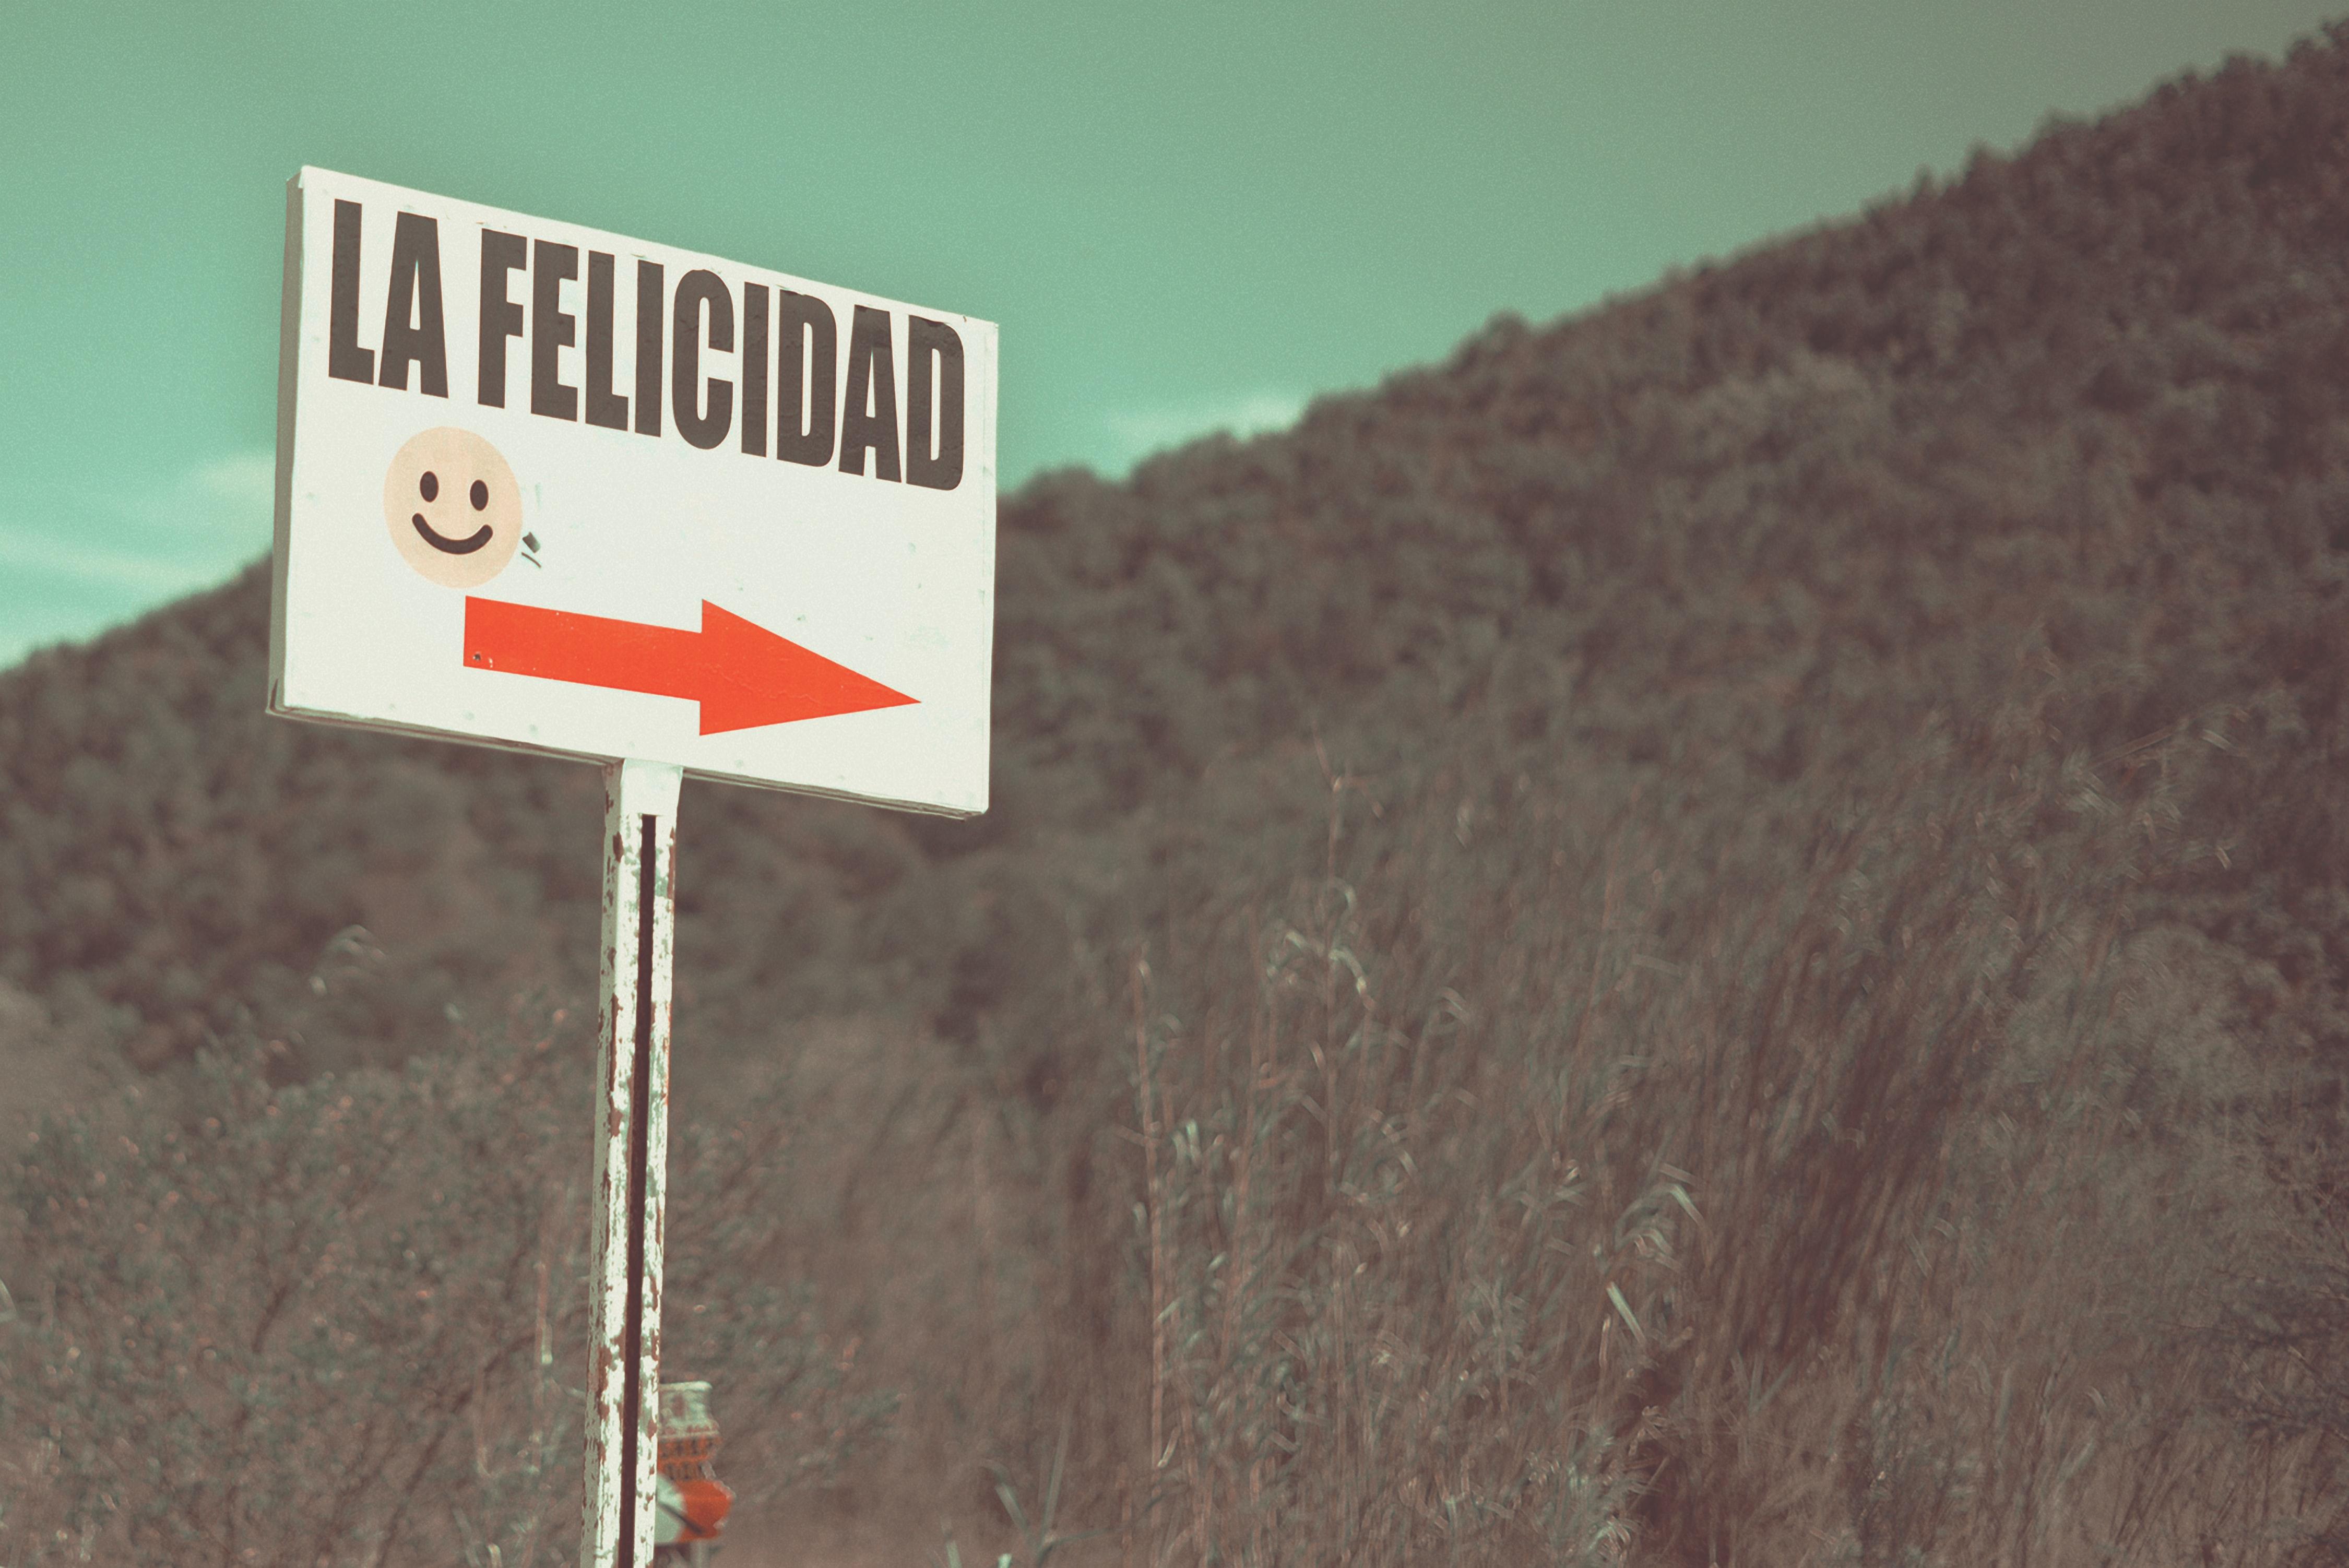 Un cartell de felicitat que inndica una ruta.